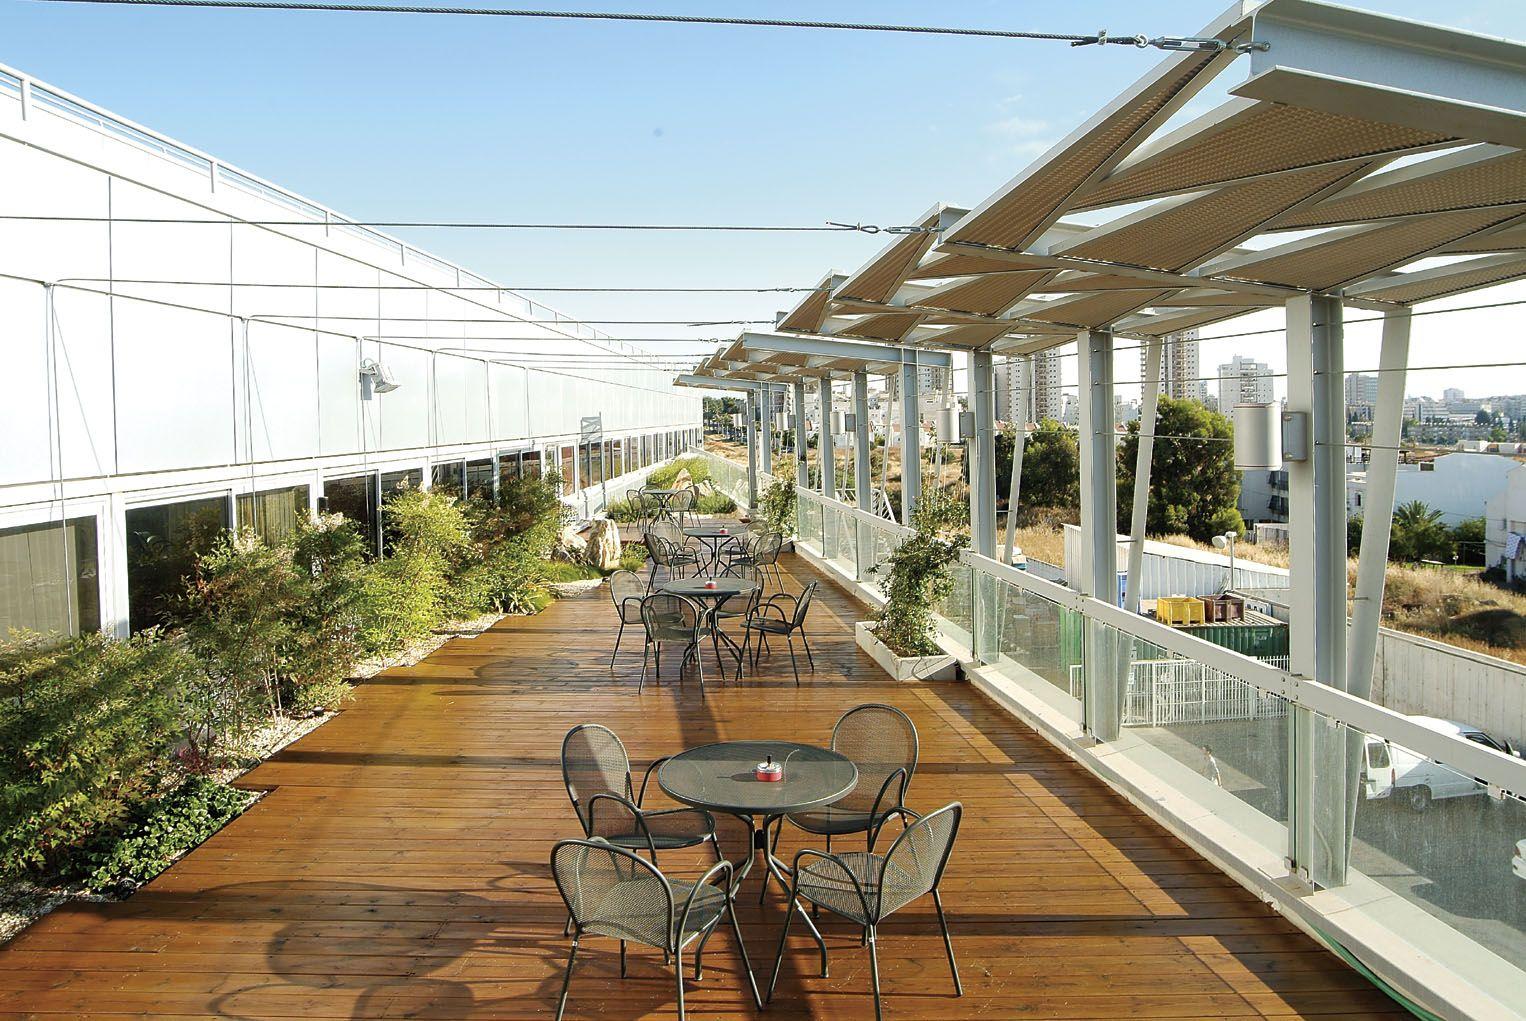 Dachgarten Mit Gartenhäuschen | Dachgarten Inspiration | Pinterest |  Dachterasse, Gartenhäuser Und Grundrisse